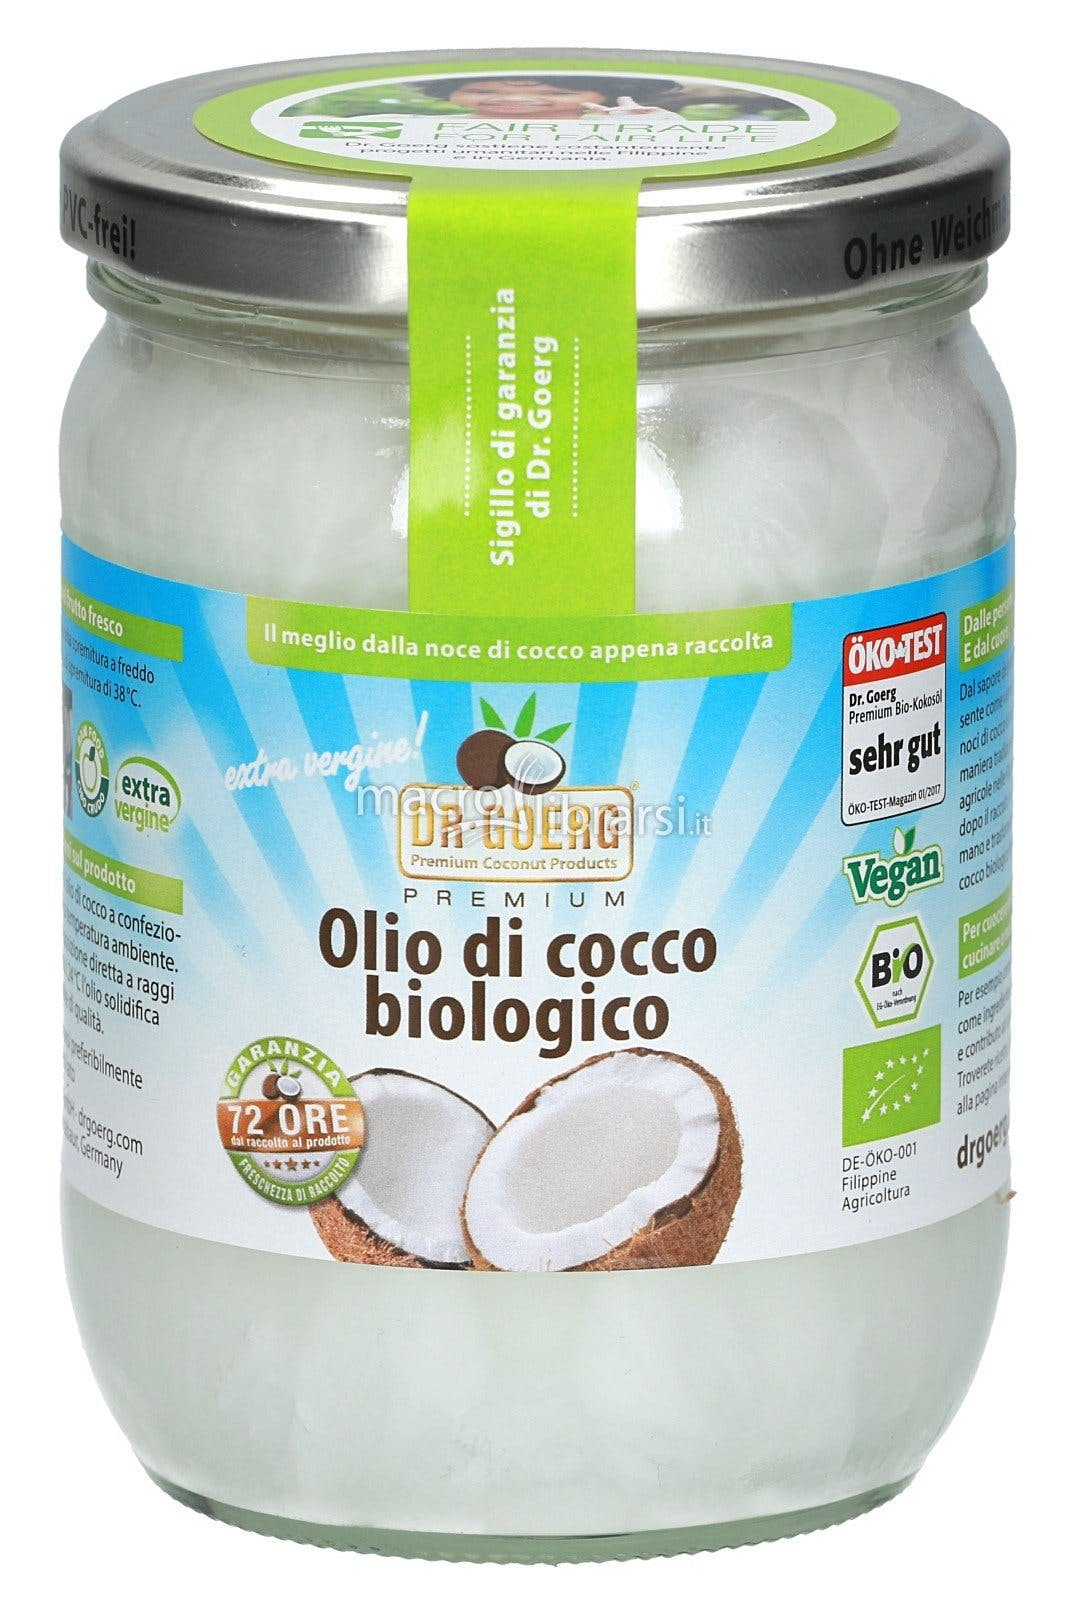 OLIO DI COCCO BIOLOGICO. VEGAN. 500ML